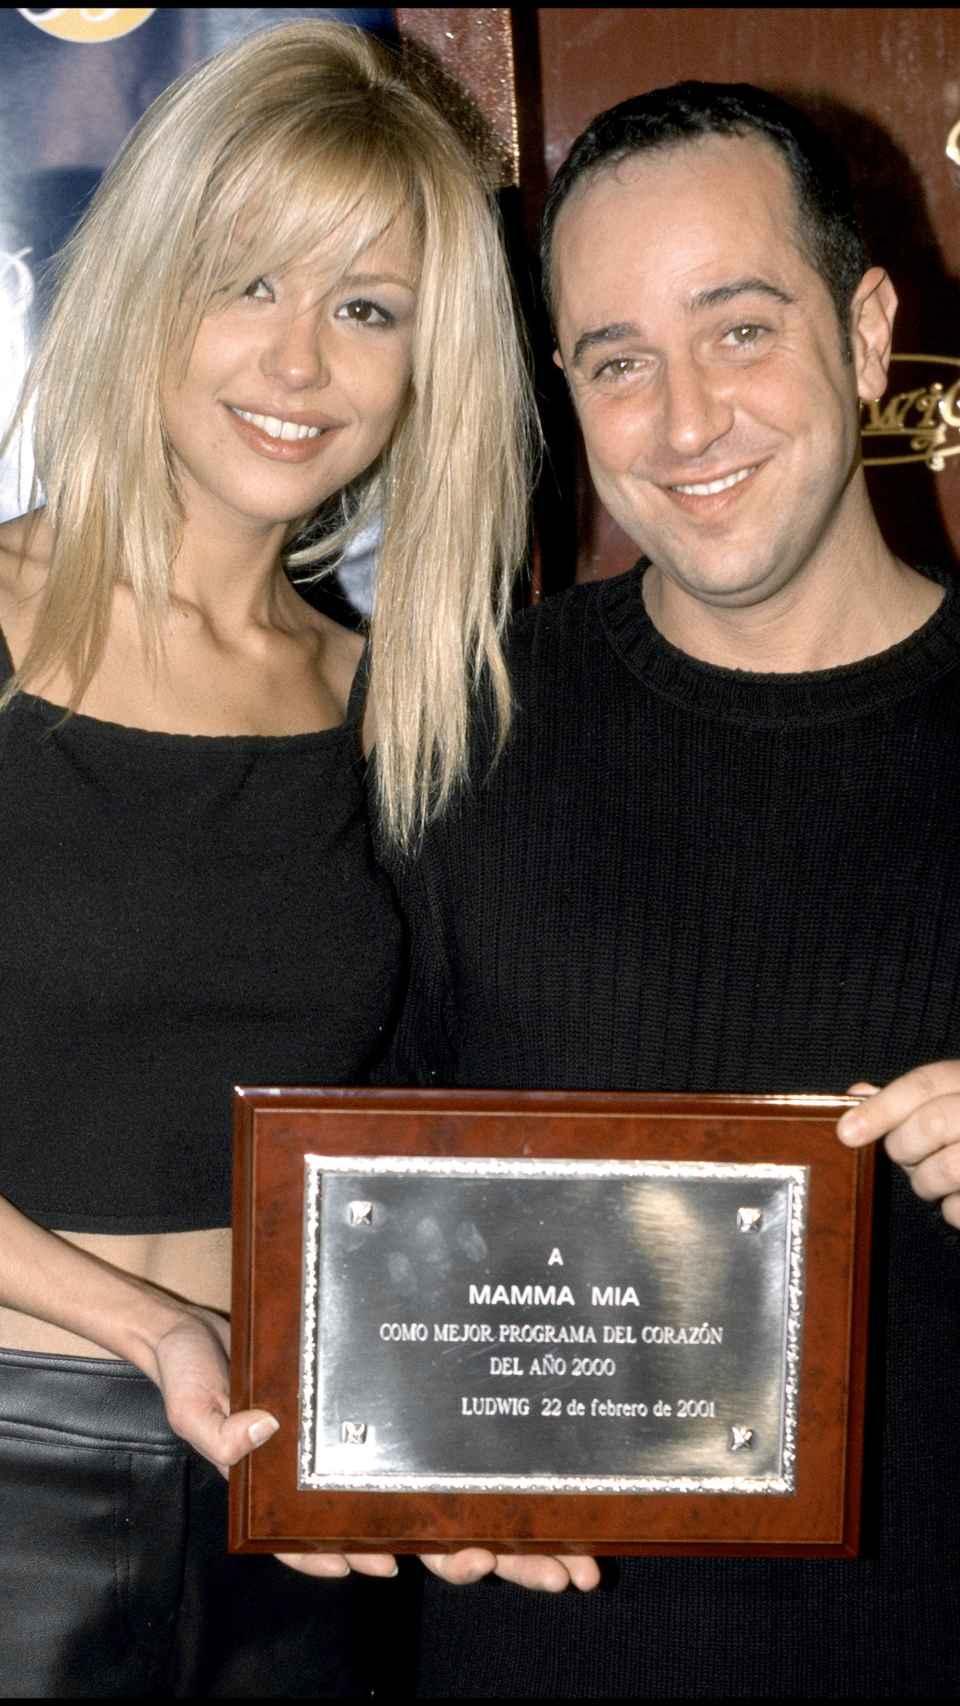 La presentadora recogiendo un reconocimiento por su labor en 'Mamma mía', junto a su compañero Víctor Sandoval.